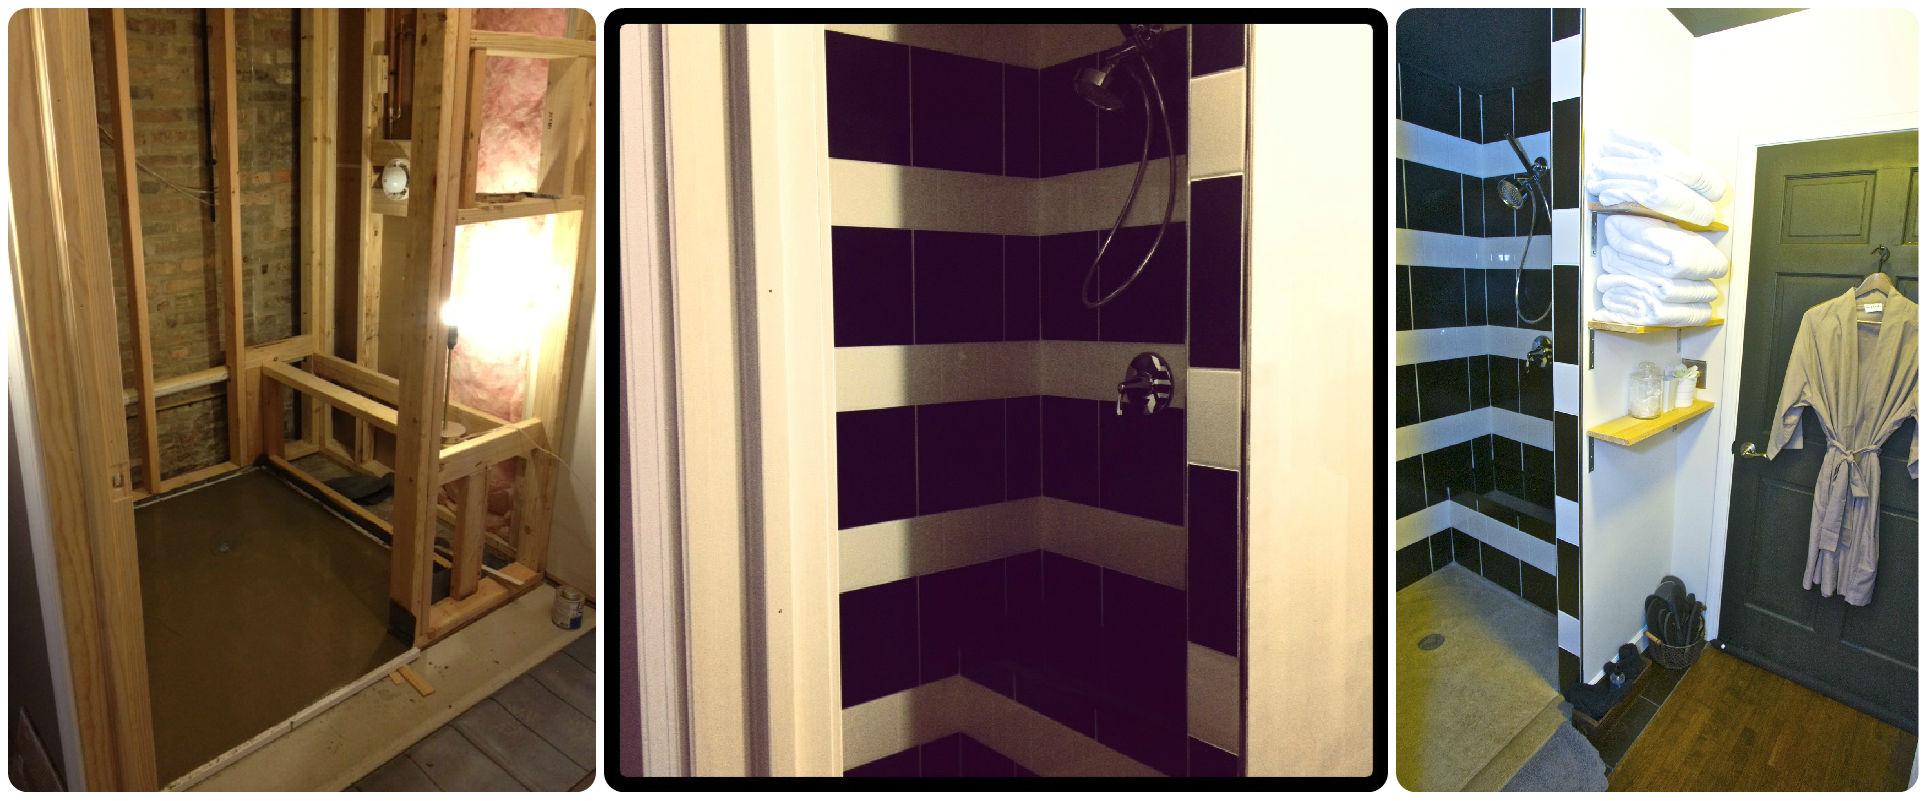 shower room before:after.jpg